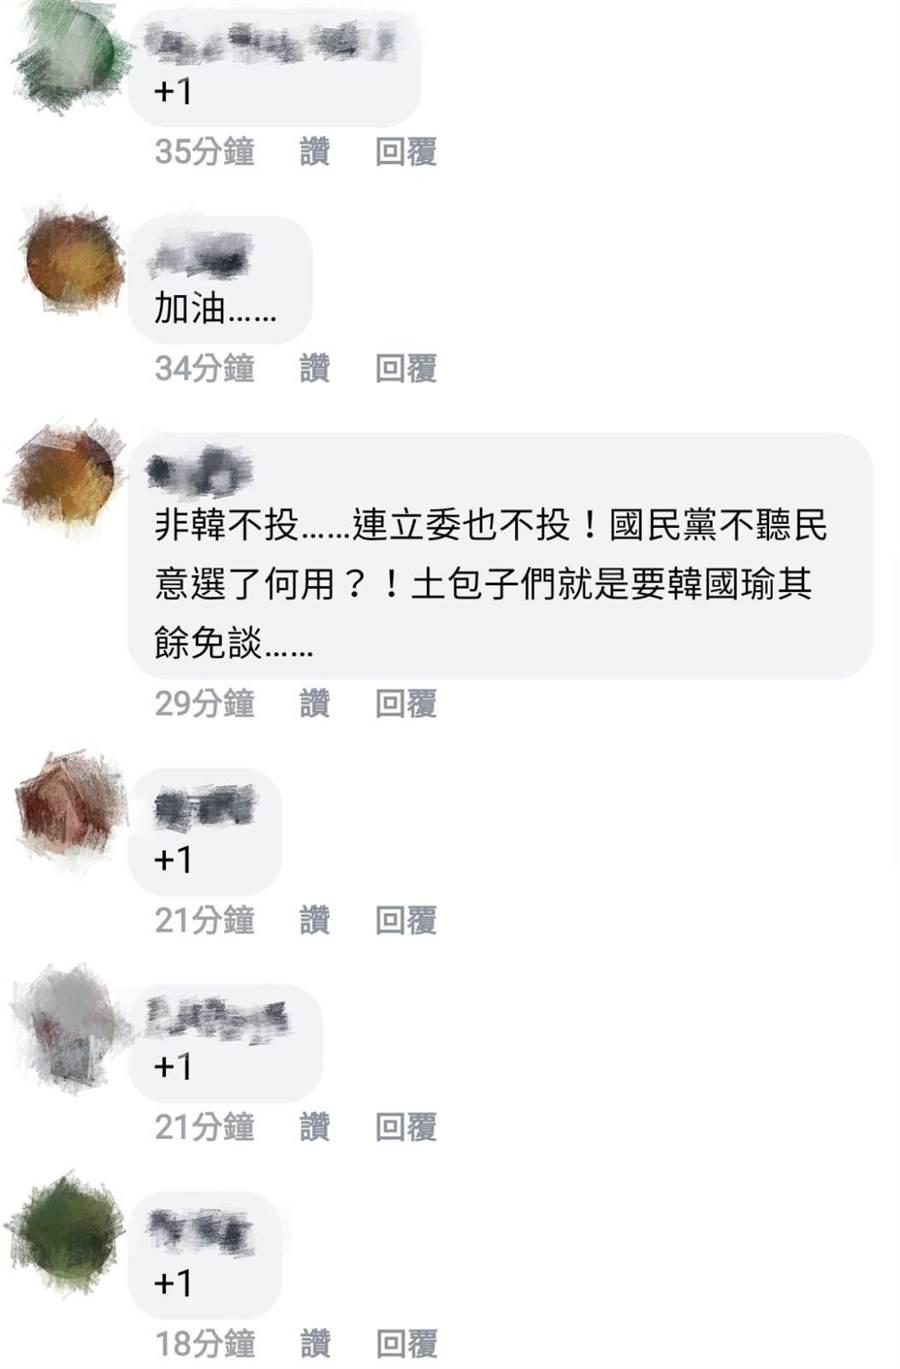 網友臉書留言響應。(圖/翻攝自臉書「韓國瑜市長後援會」)